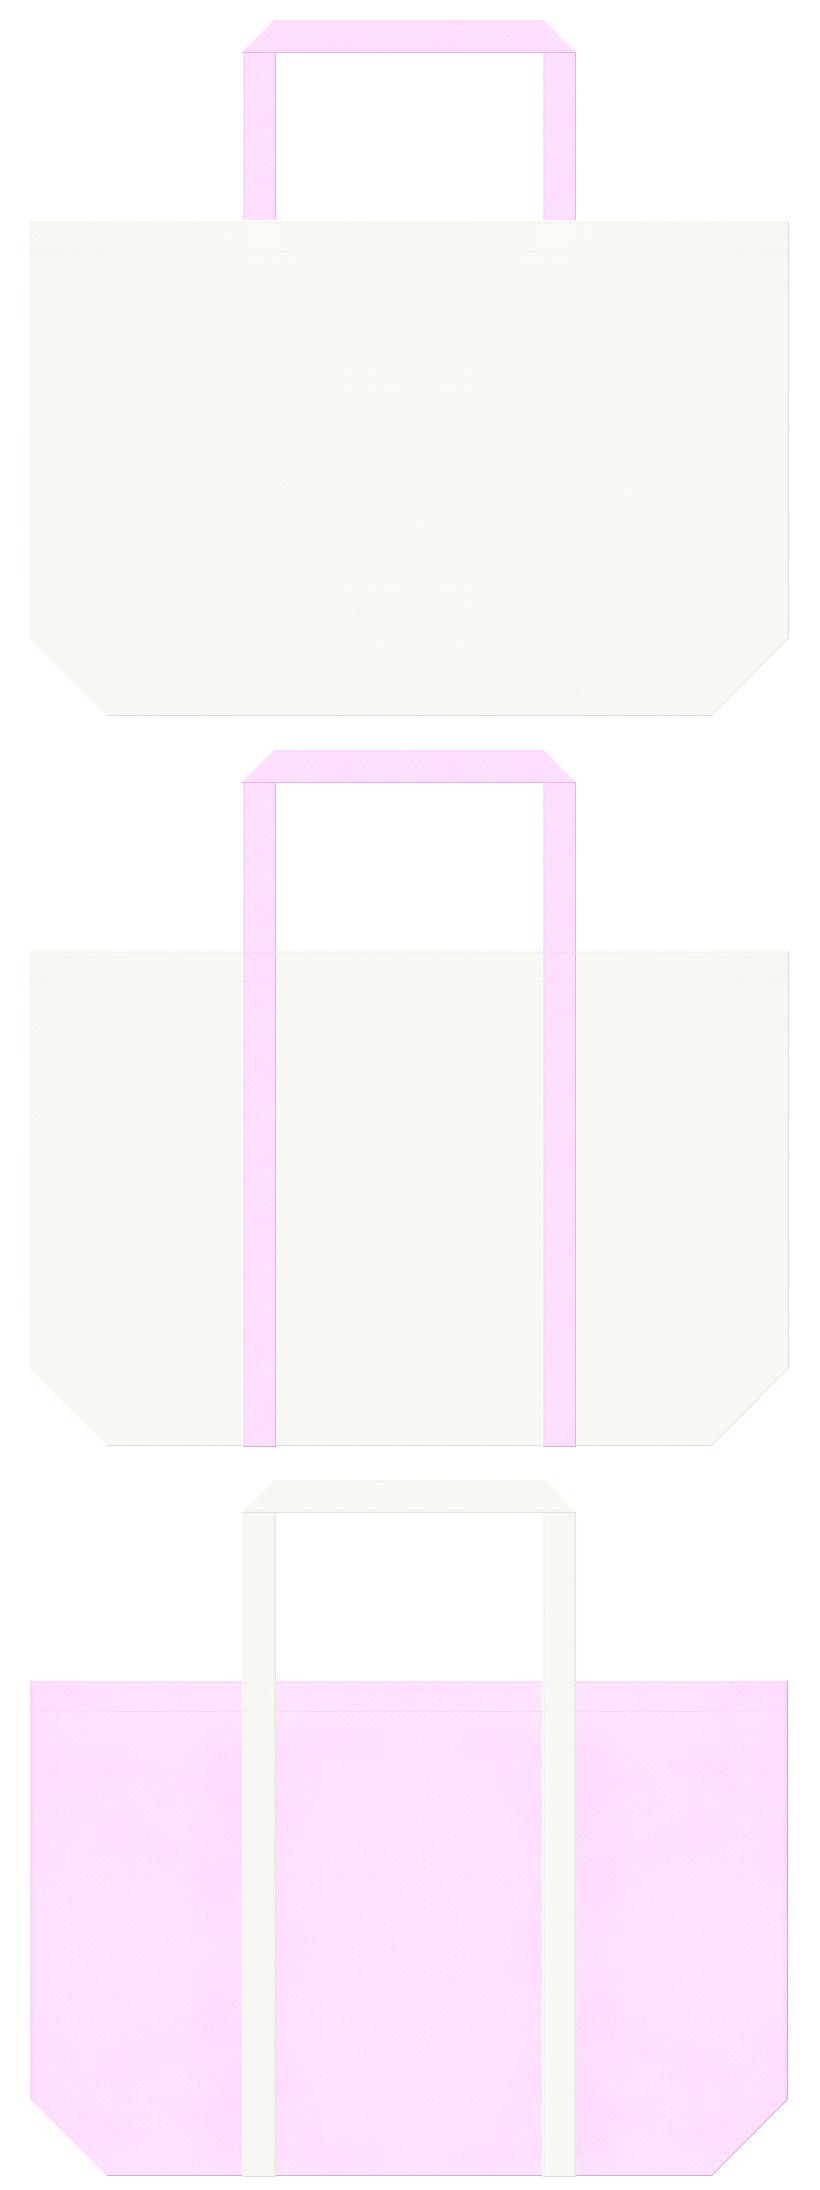 オフホワイト色と明るいピンク色の不織布ショッピングバッグのデザイン:ブライダルギフト商品のショッピングバッグにお奨めです。